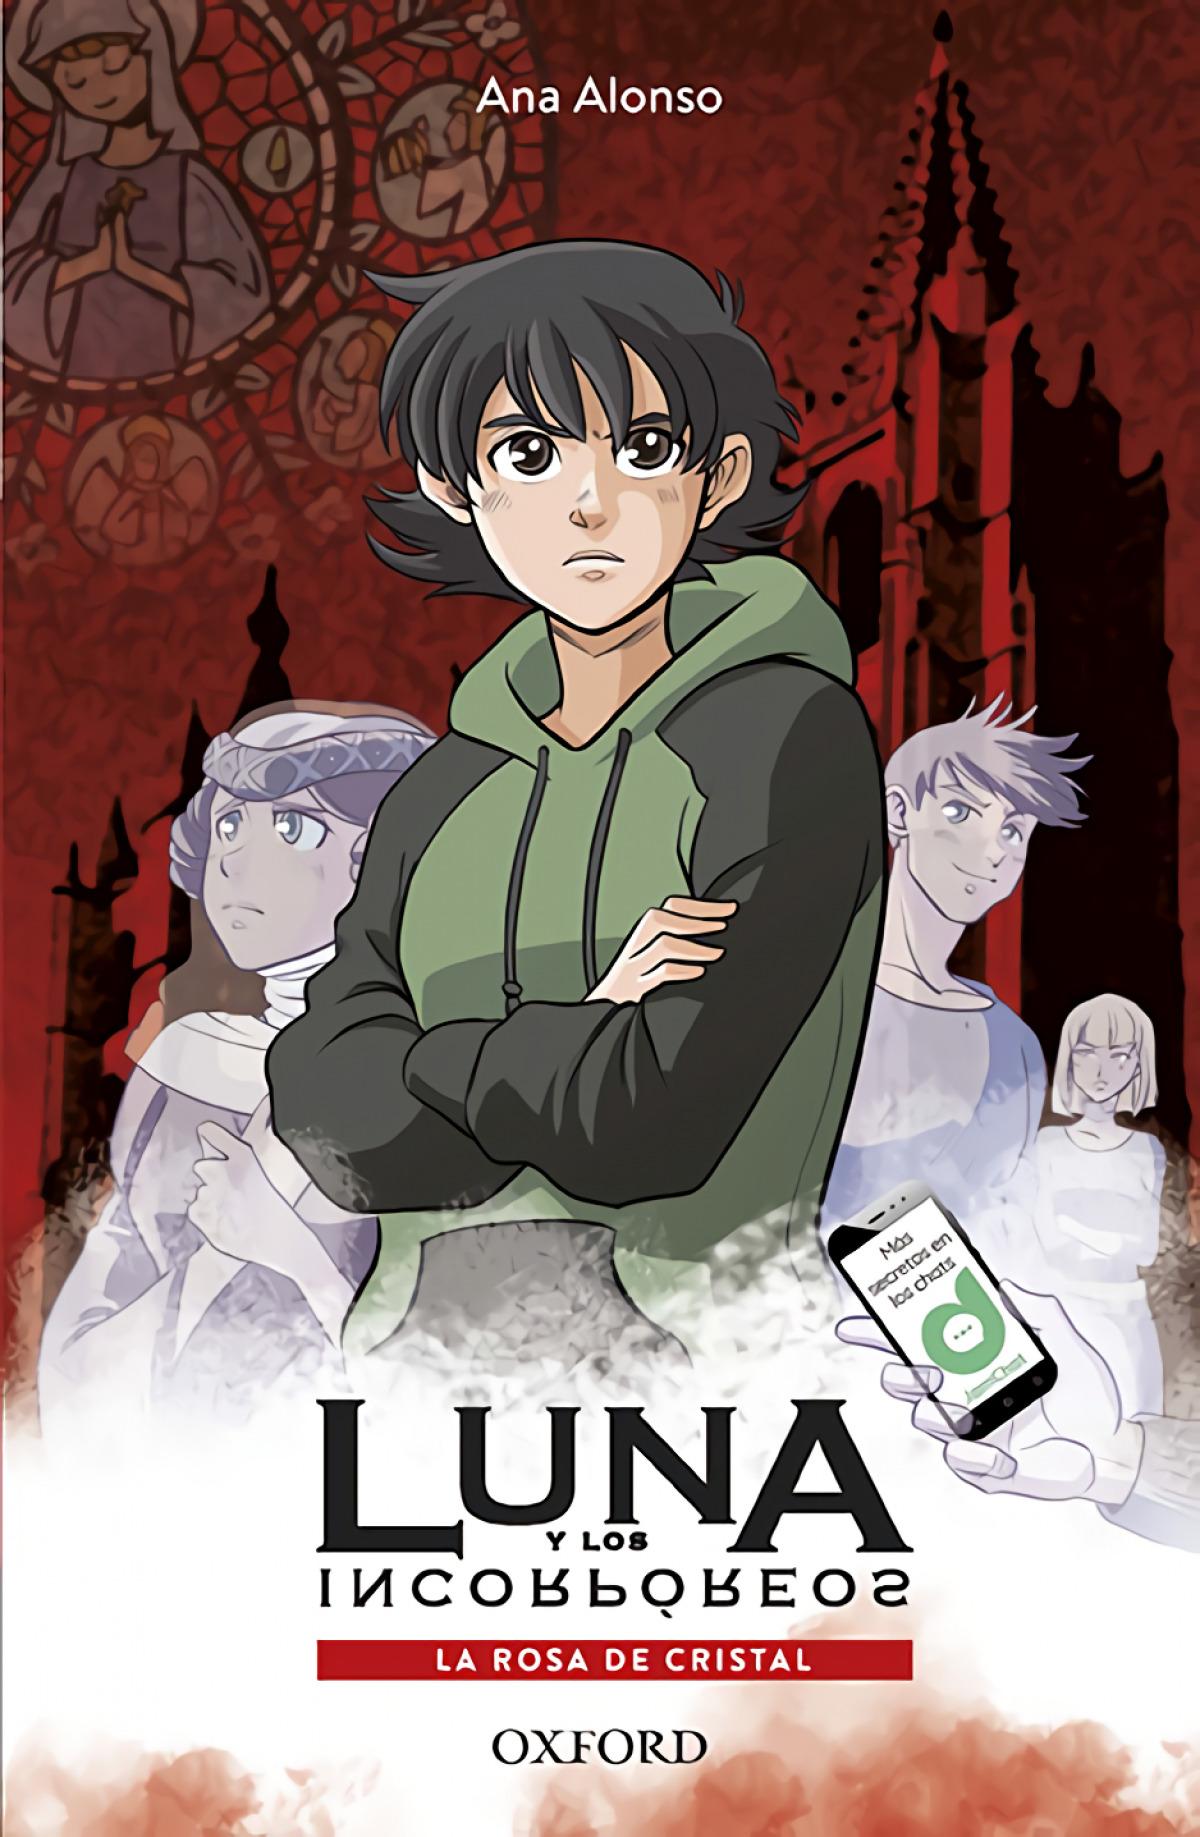 LUNA Y LA ROSA DE CRISTAL 9780190521585